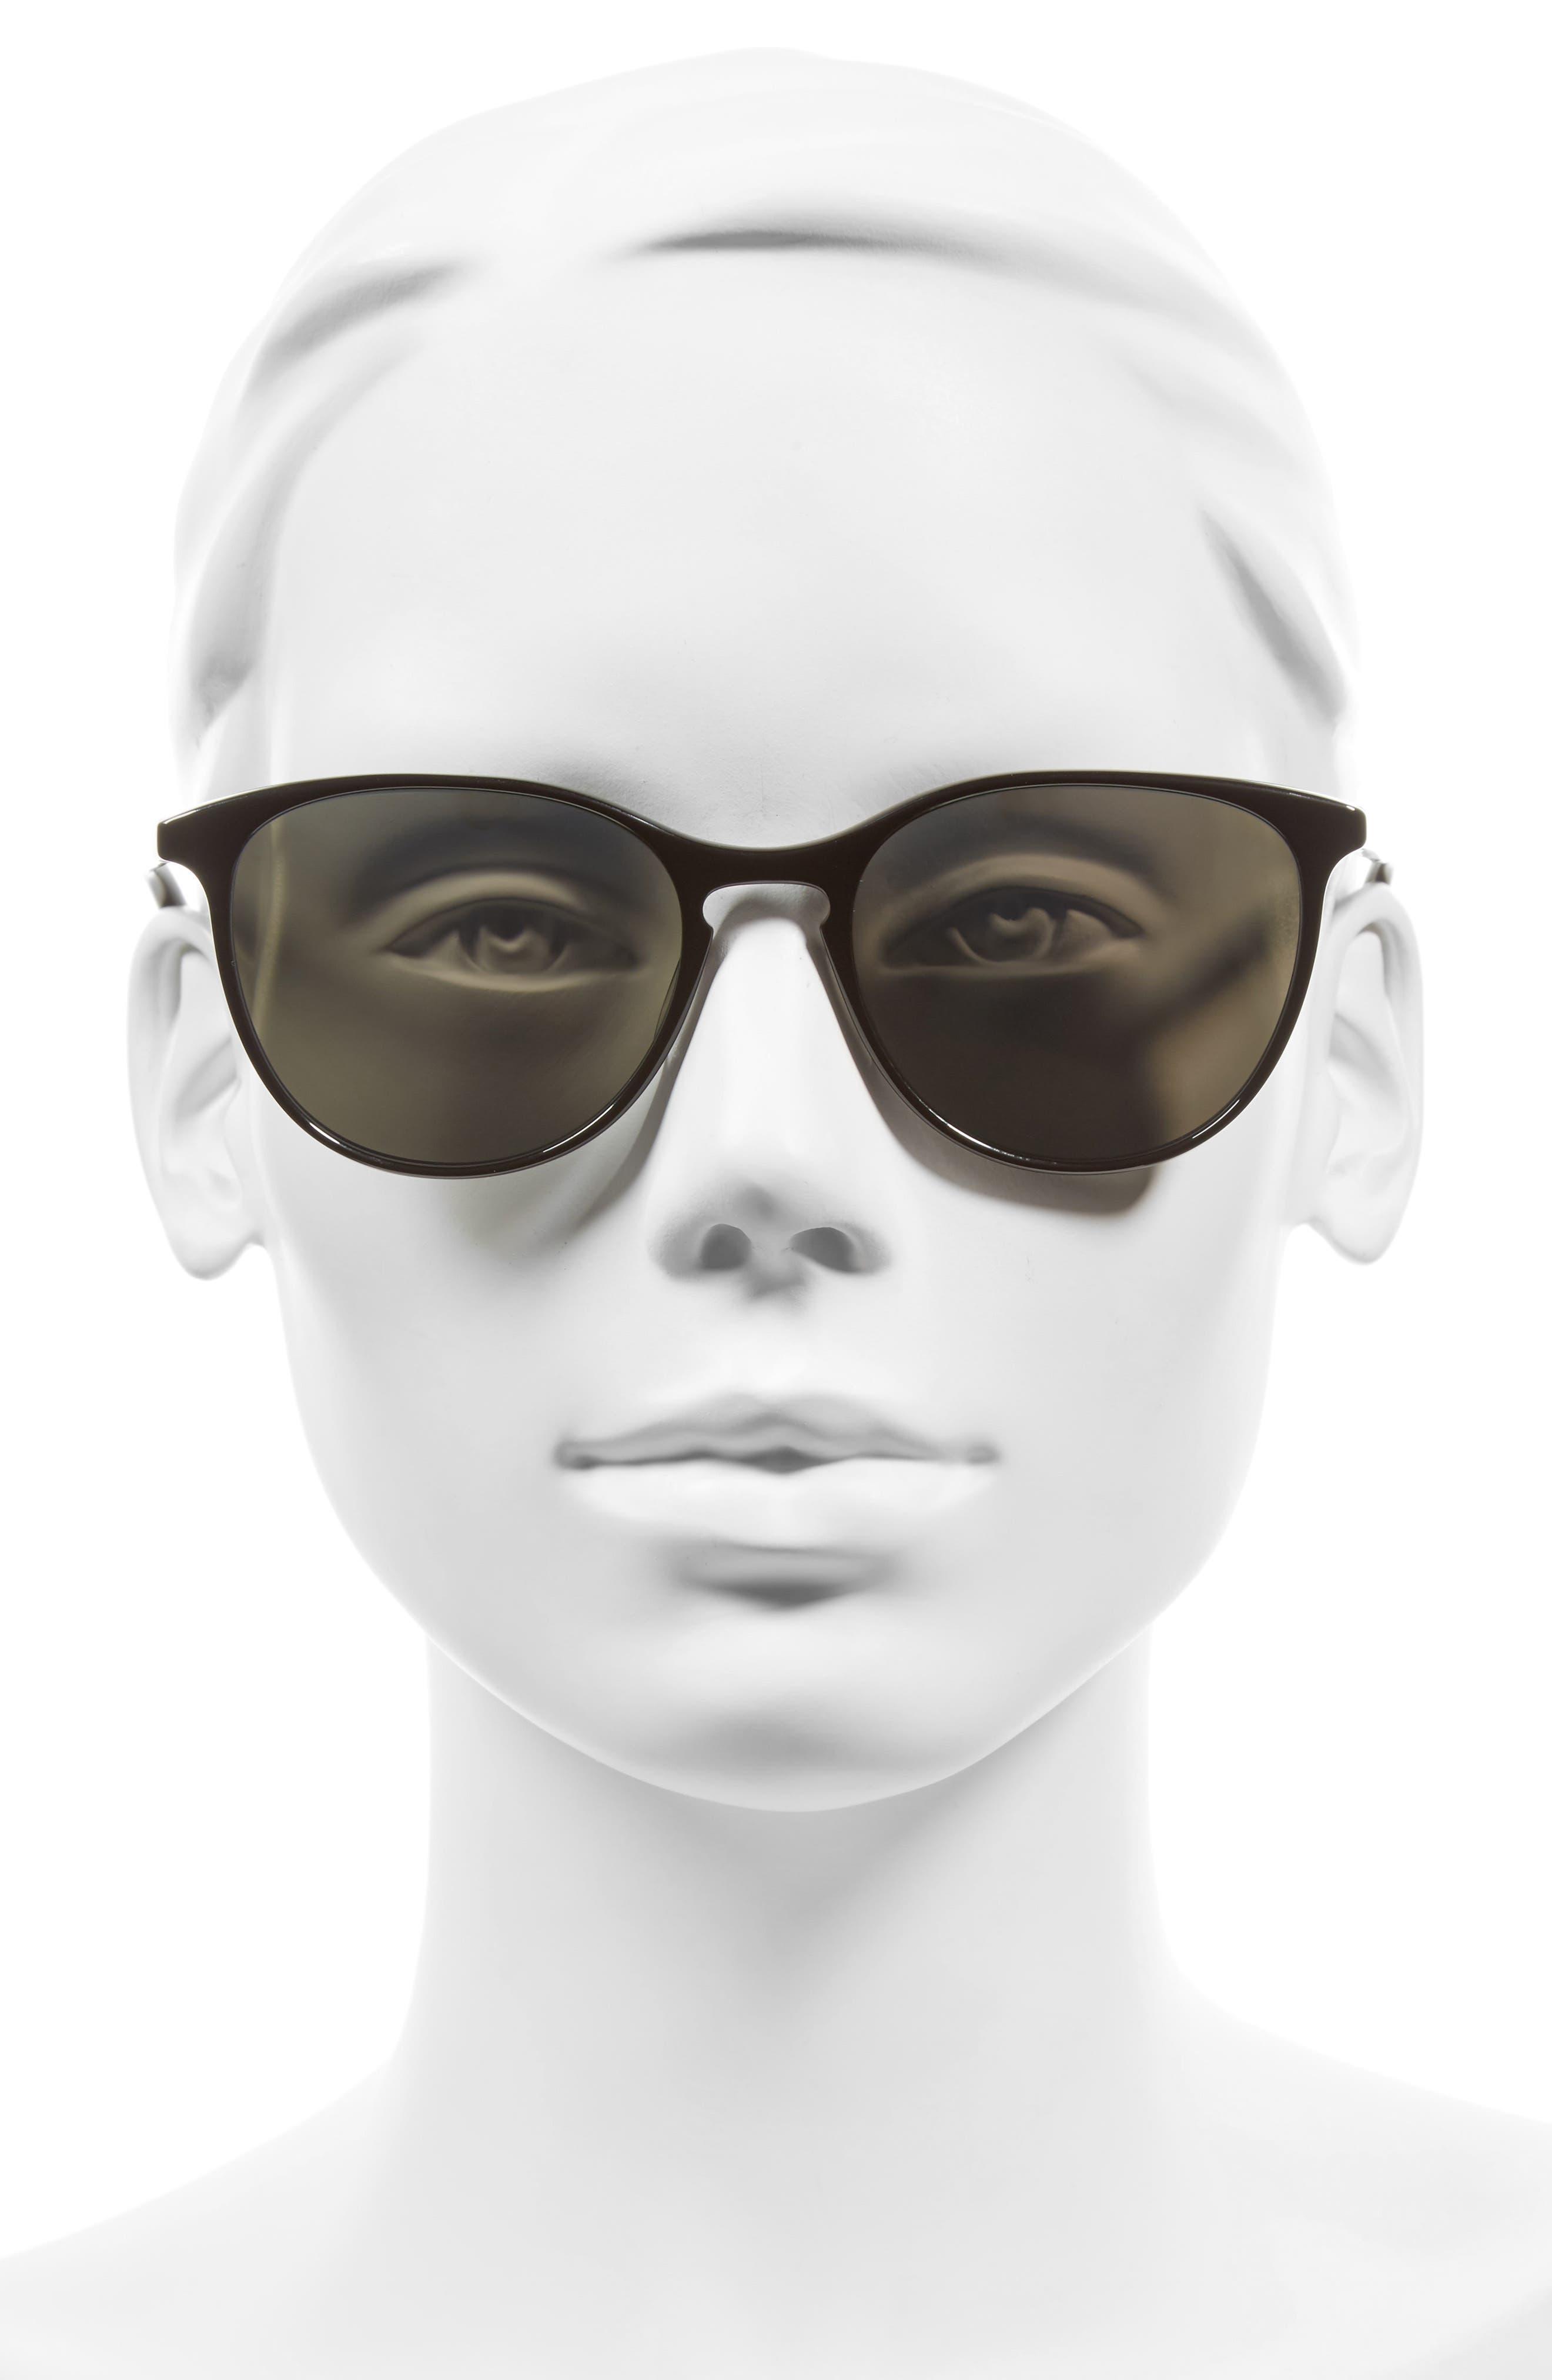 Kiani 53mm Polarized Retro Sunglasses,                             Alternate thumbnail 2, color,                             001